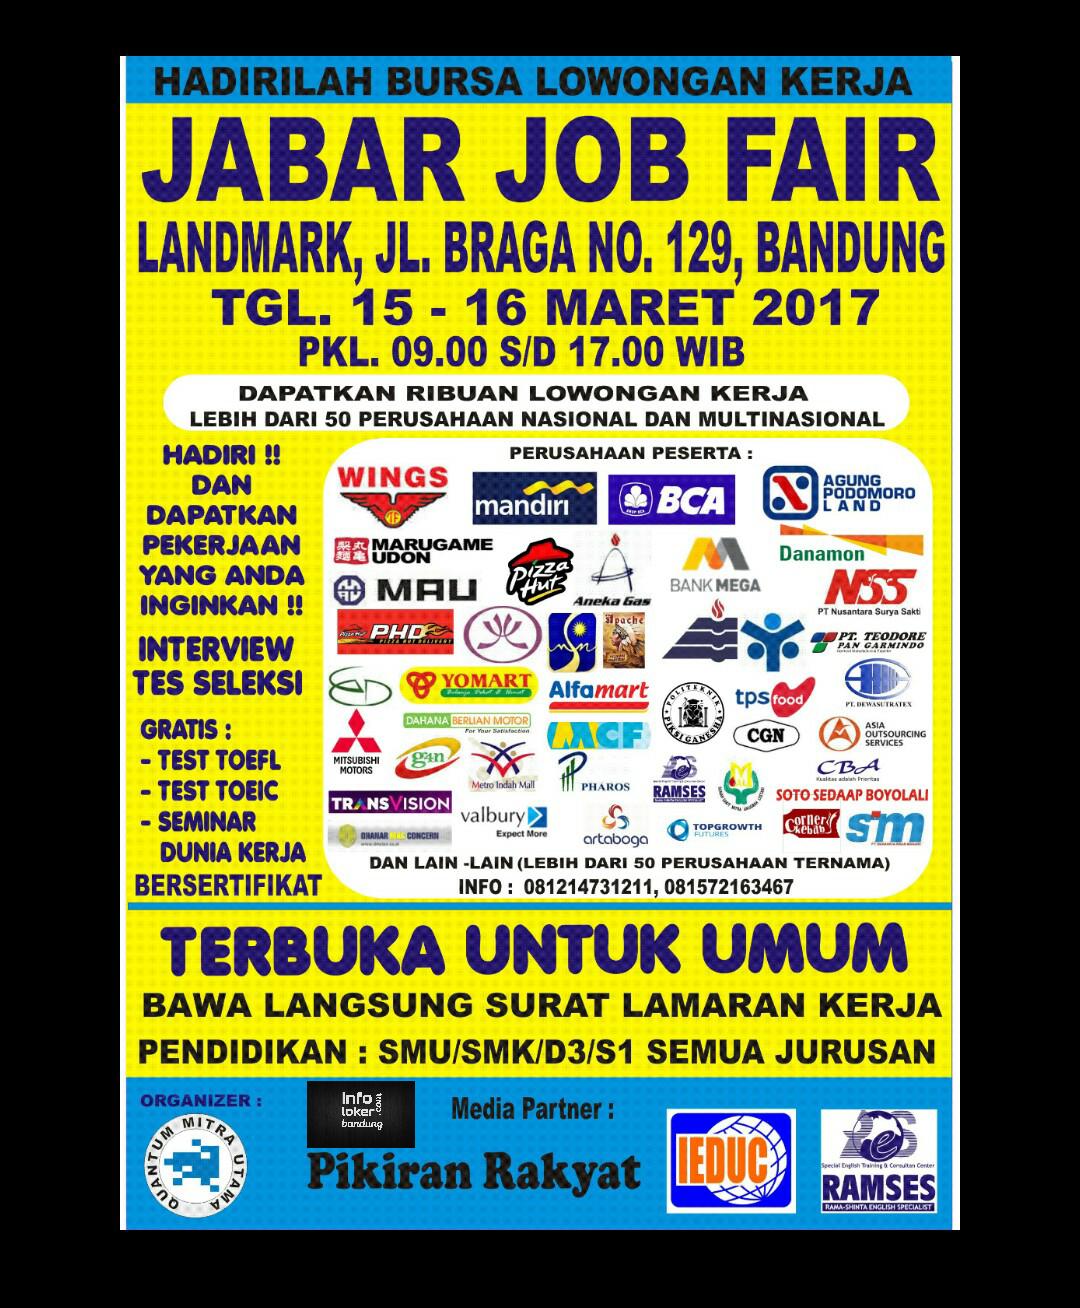 Jabar Job Fair 15 - 16 Maret 2017